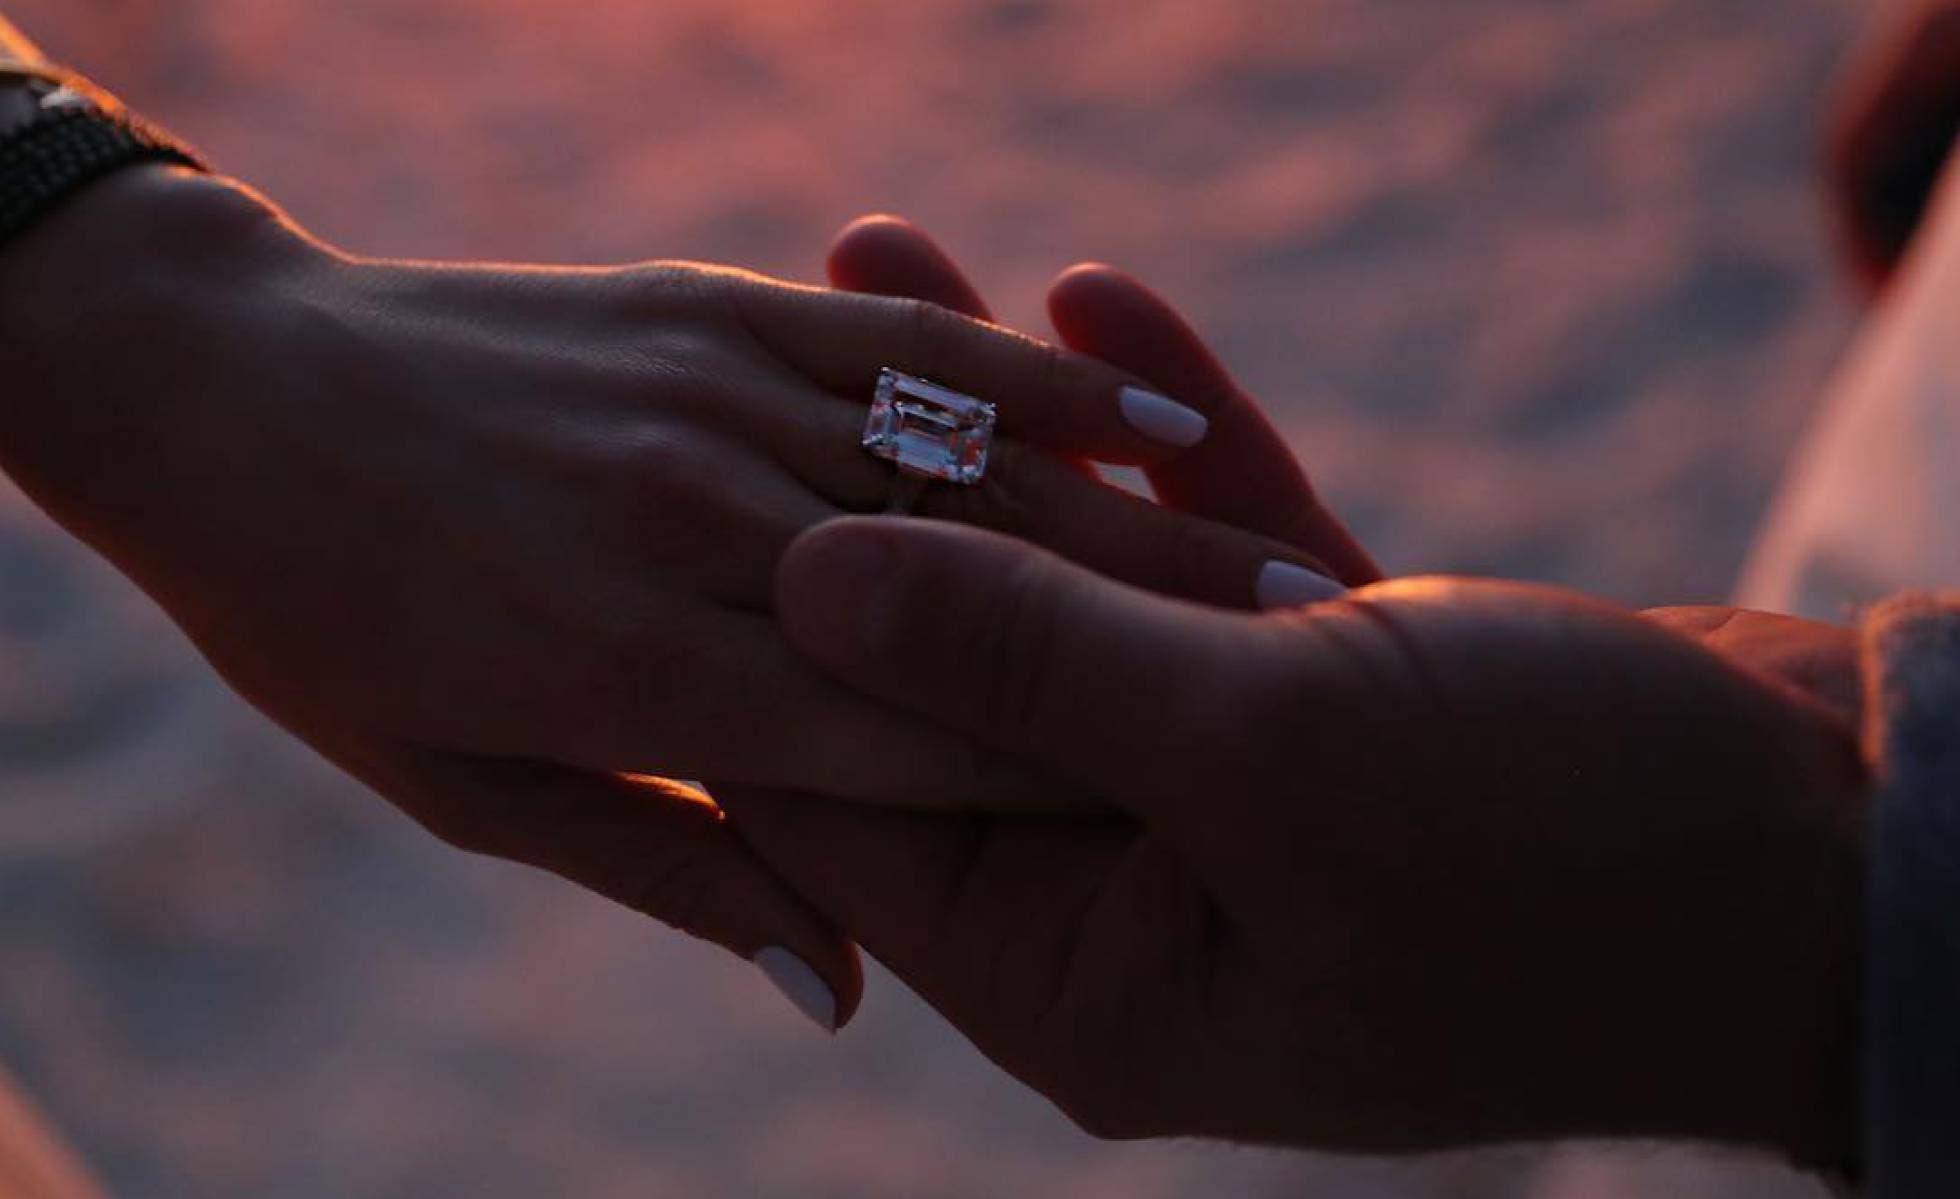 La pareja publicó en Instagram una fotografía de las manos de ambos en las que se ve un anillo de compromiso de gran tamaño en uno de los dedos de la artista.